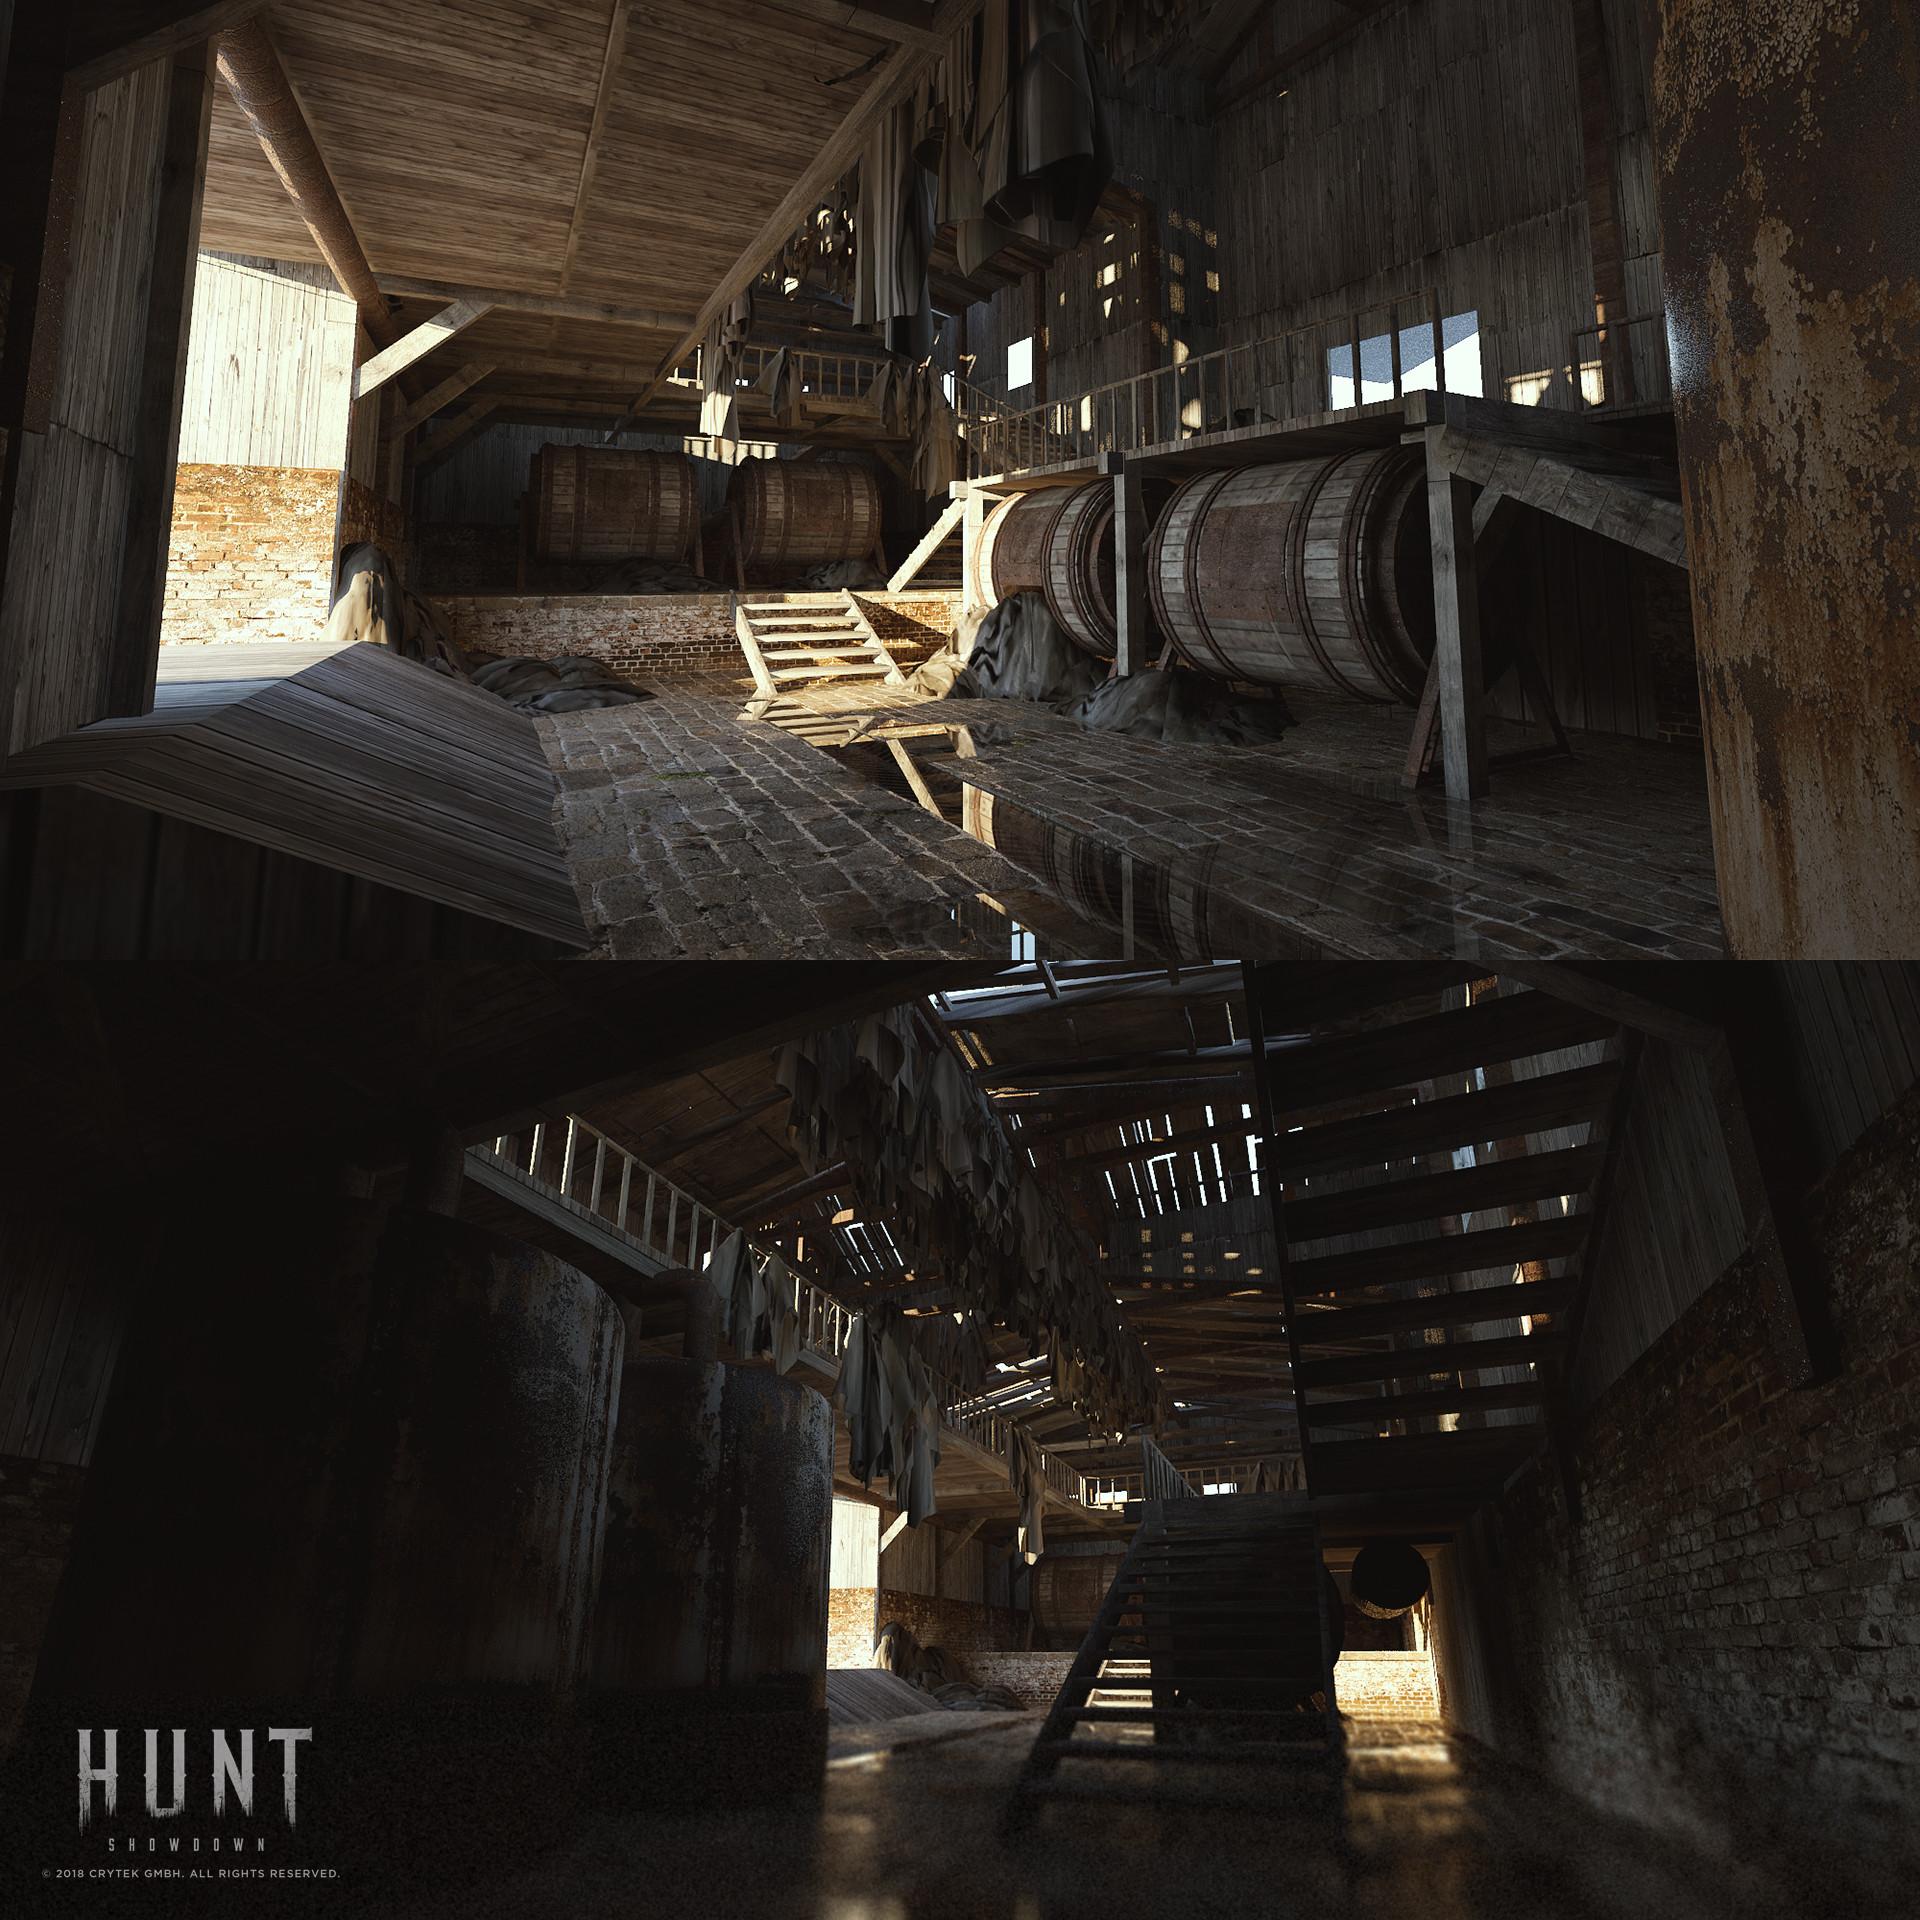 Ivo nies hemlock and hide interior1